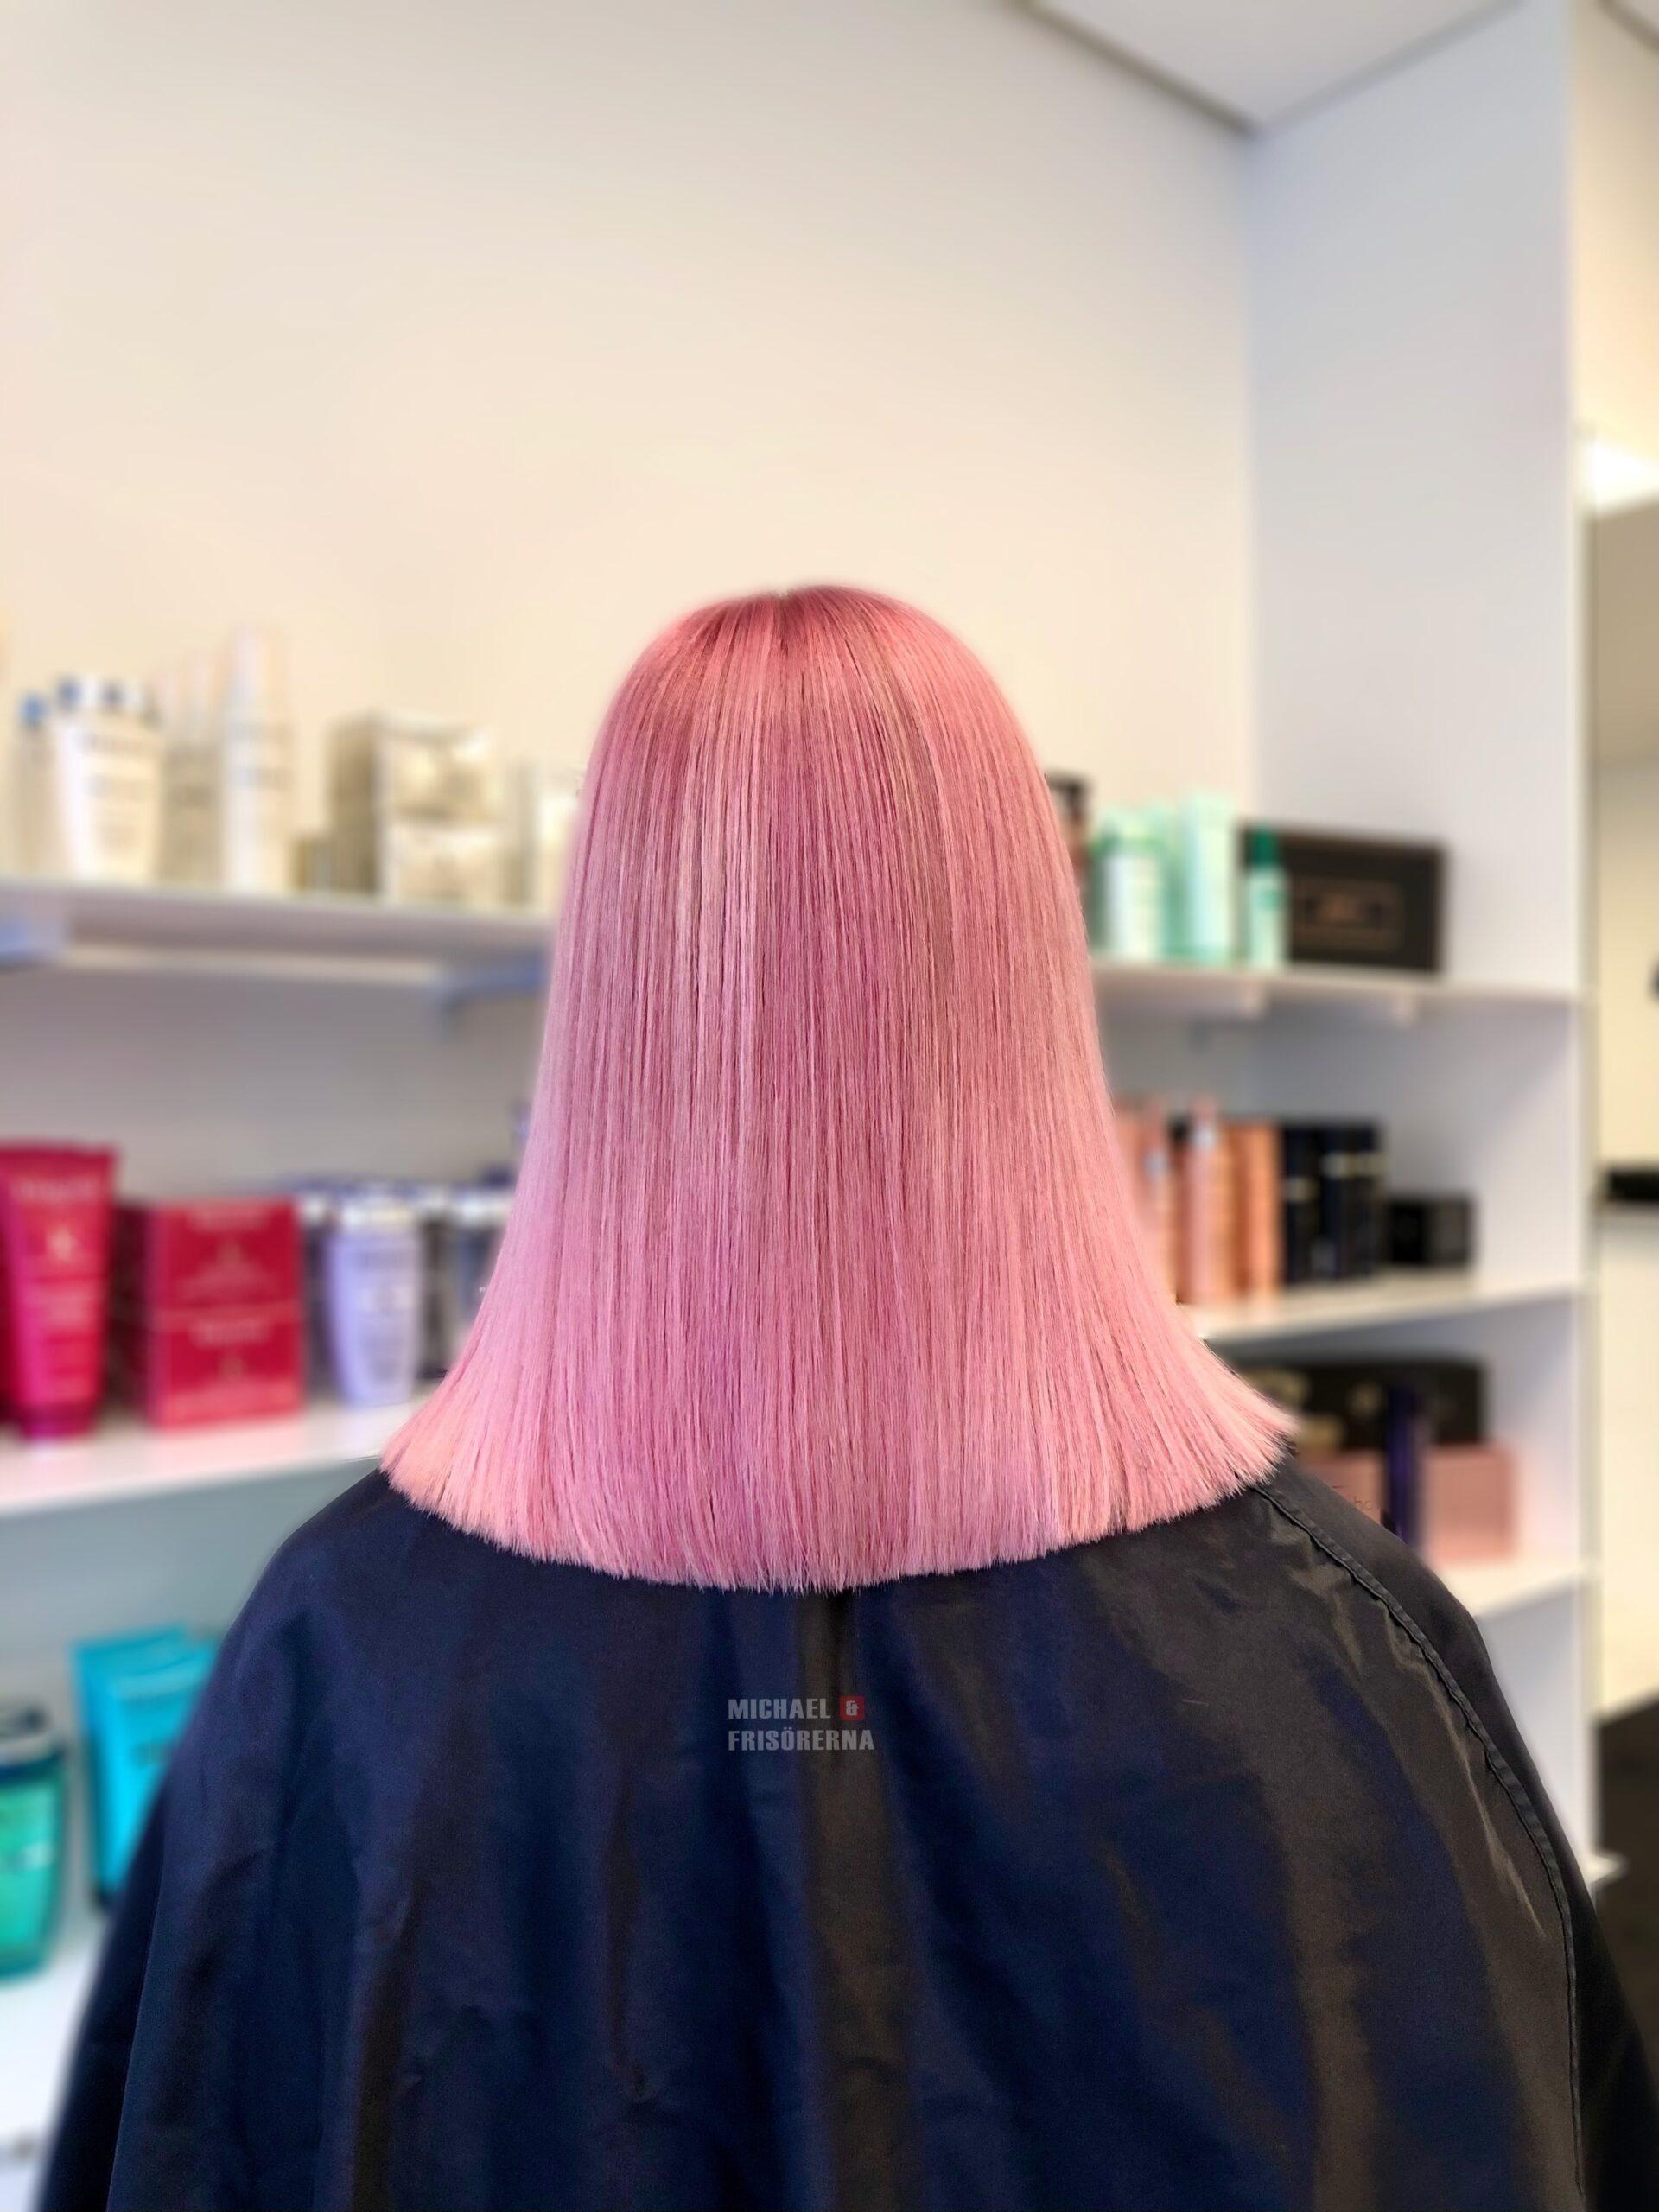 rosa hårfärg